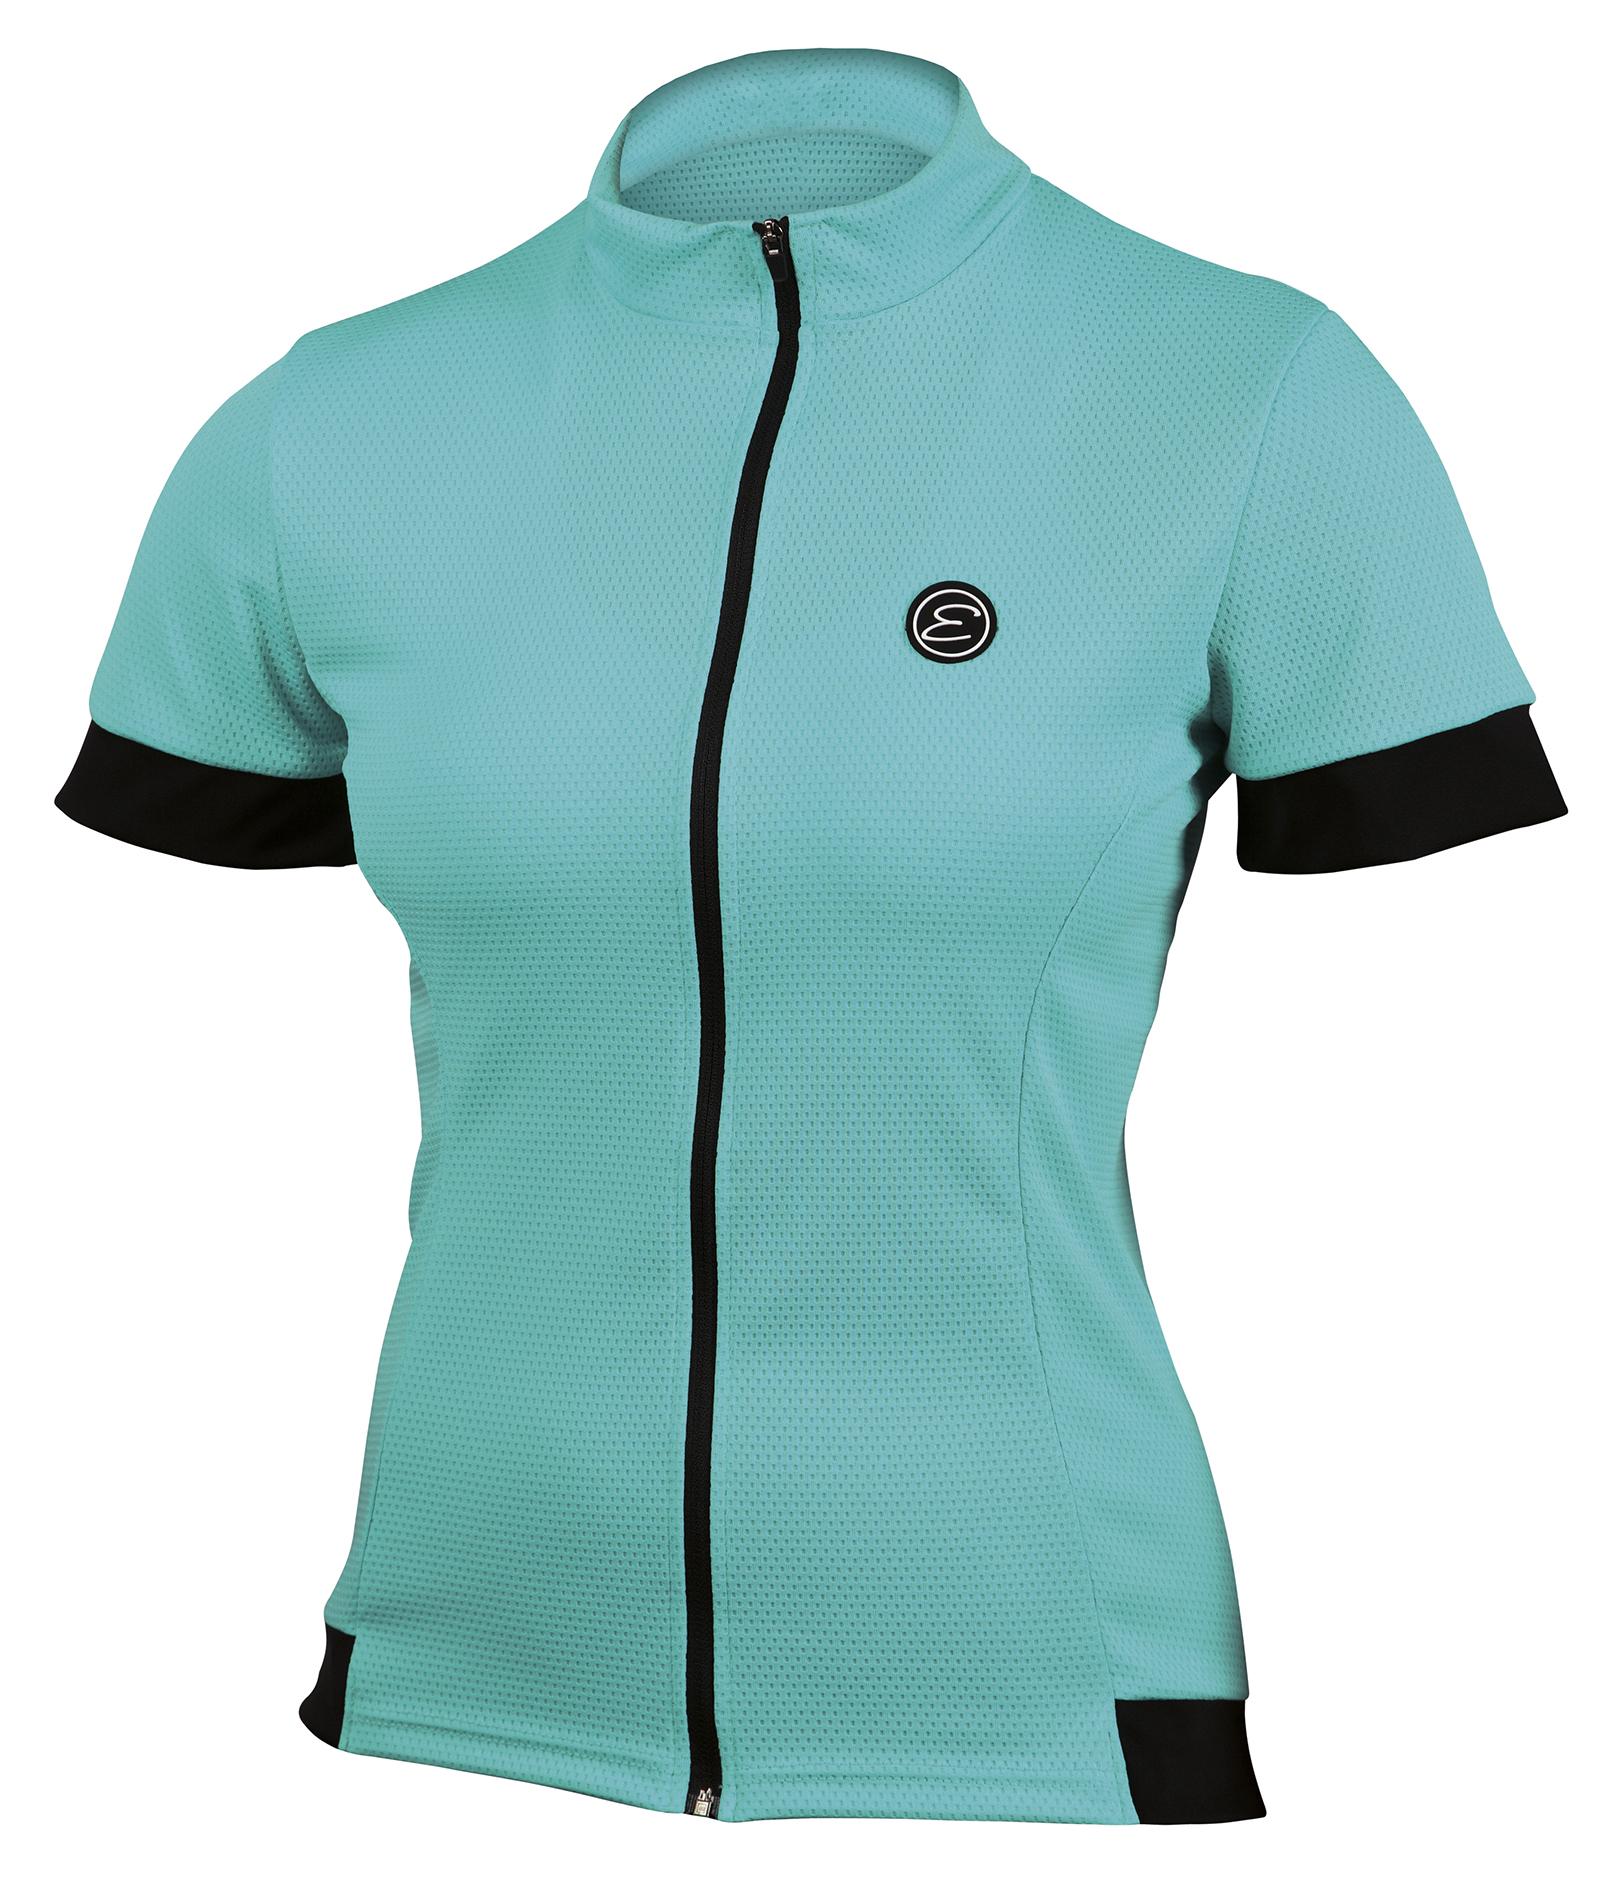 Dámský cyklistický dres ETAPE Donna, vel. M, aqua, model 2017 (Dámský dres Etape, dlouhý přední zip)